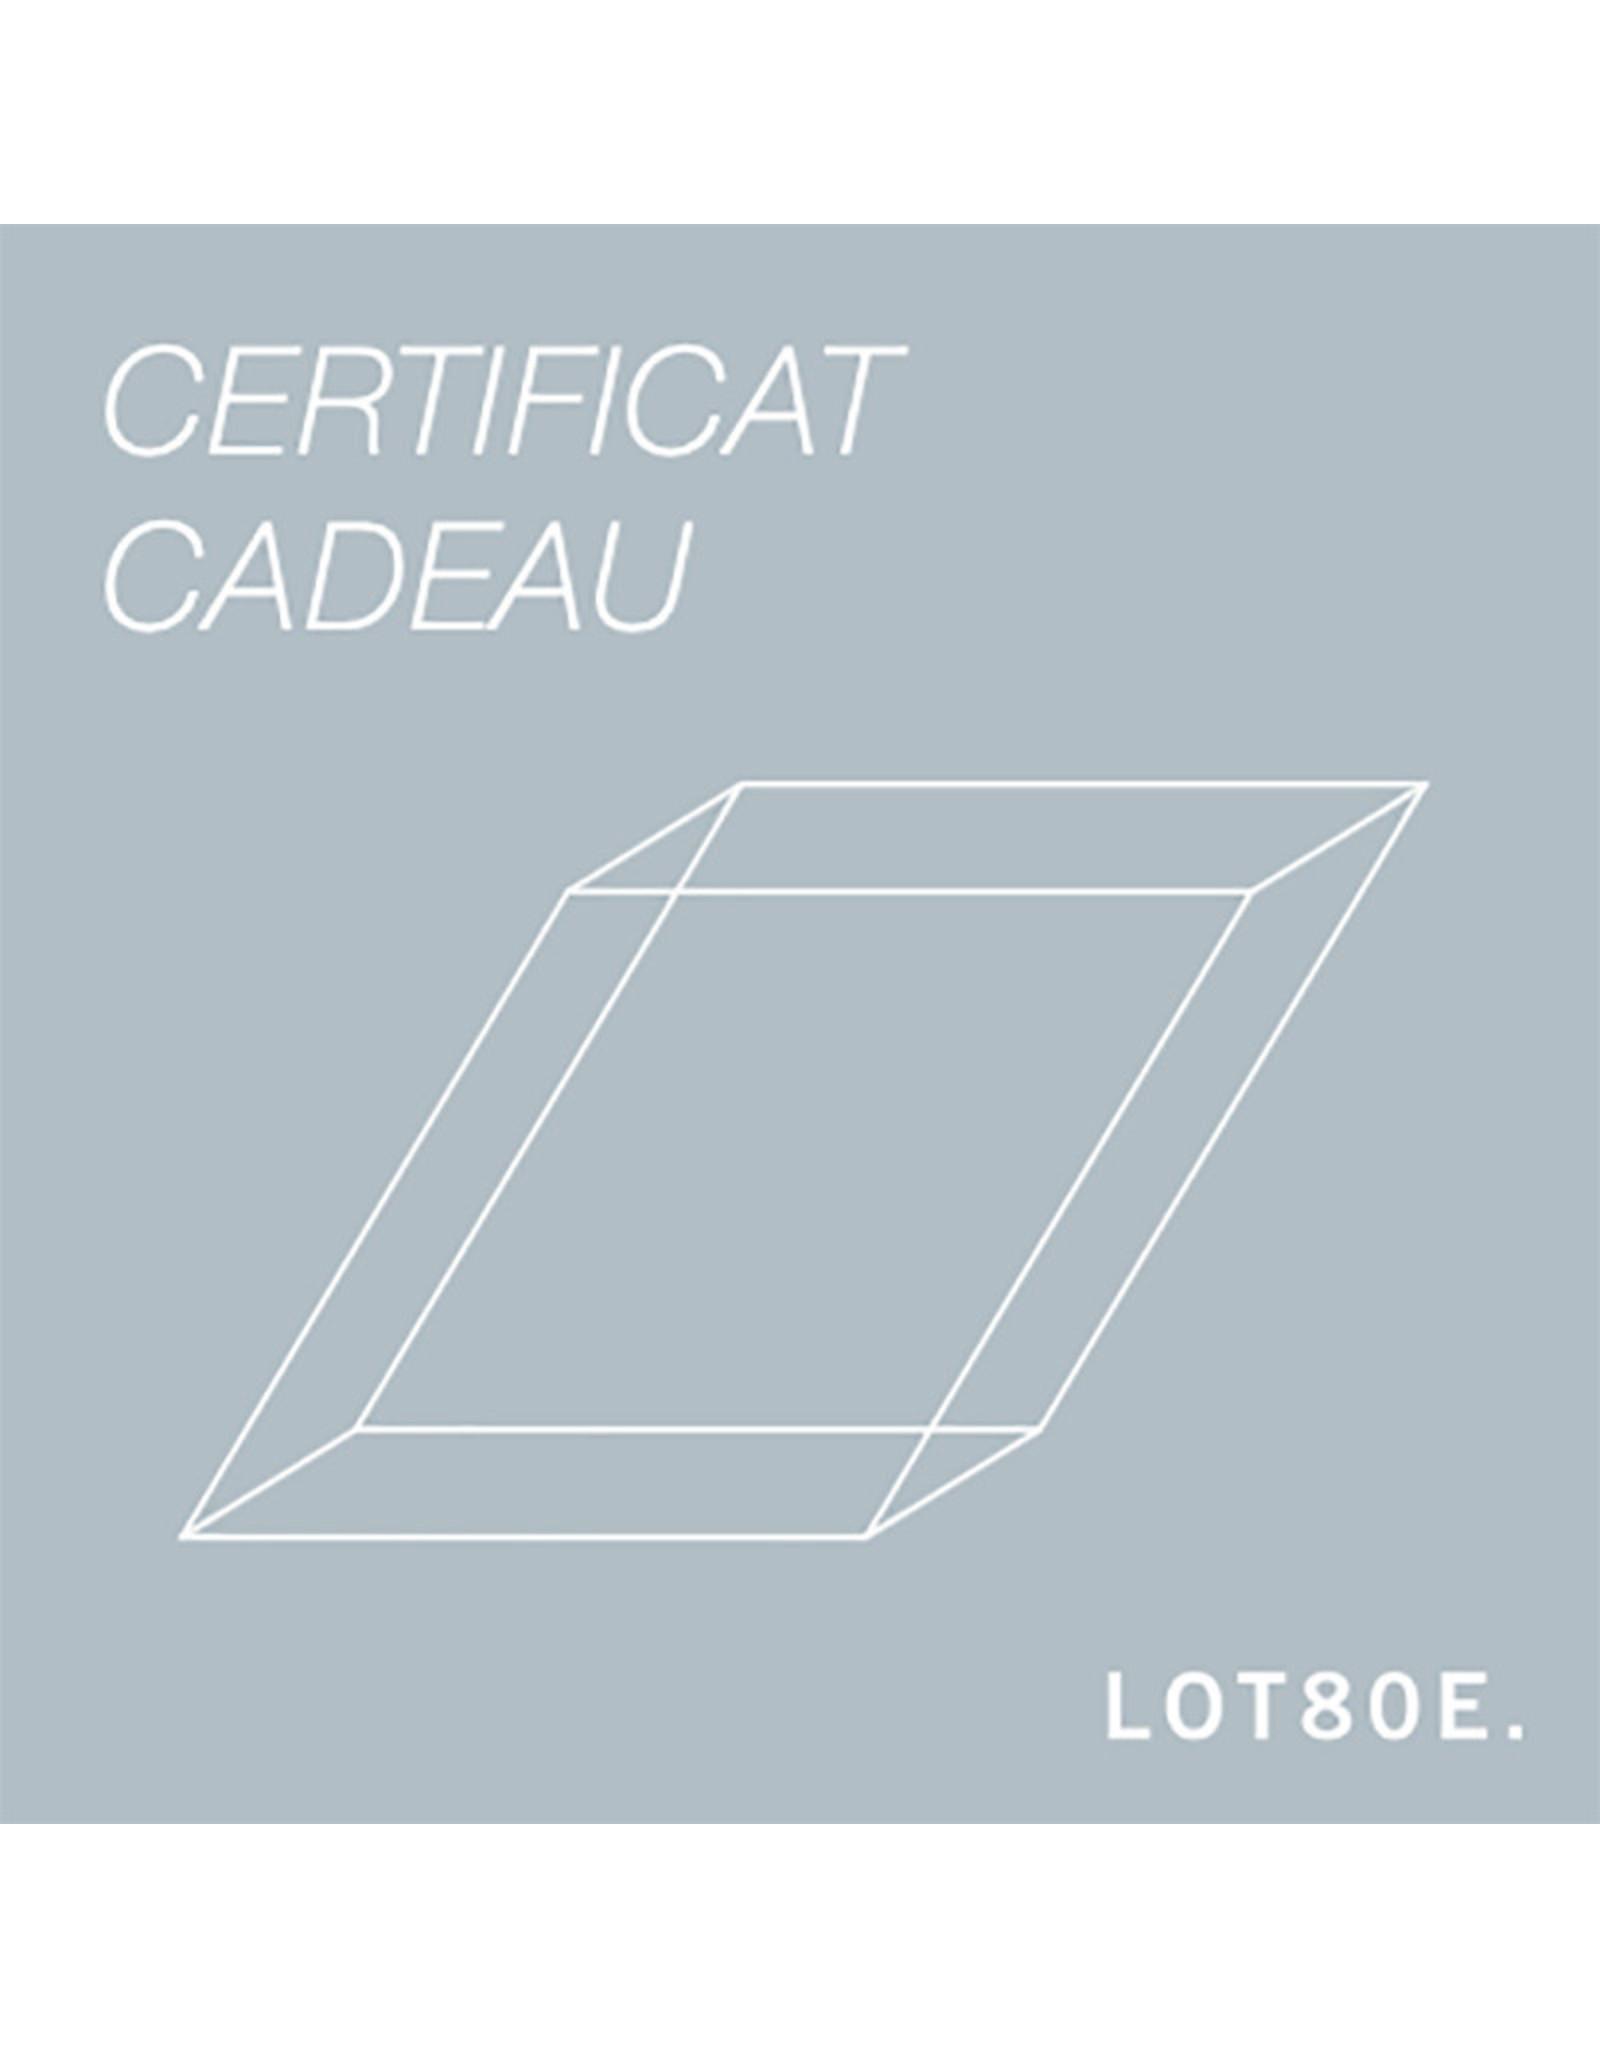 LOT80E. Certificat cadeau